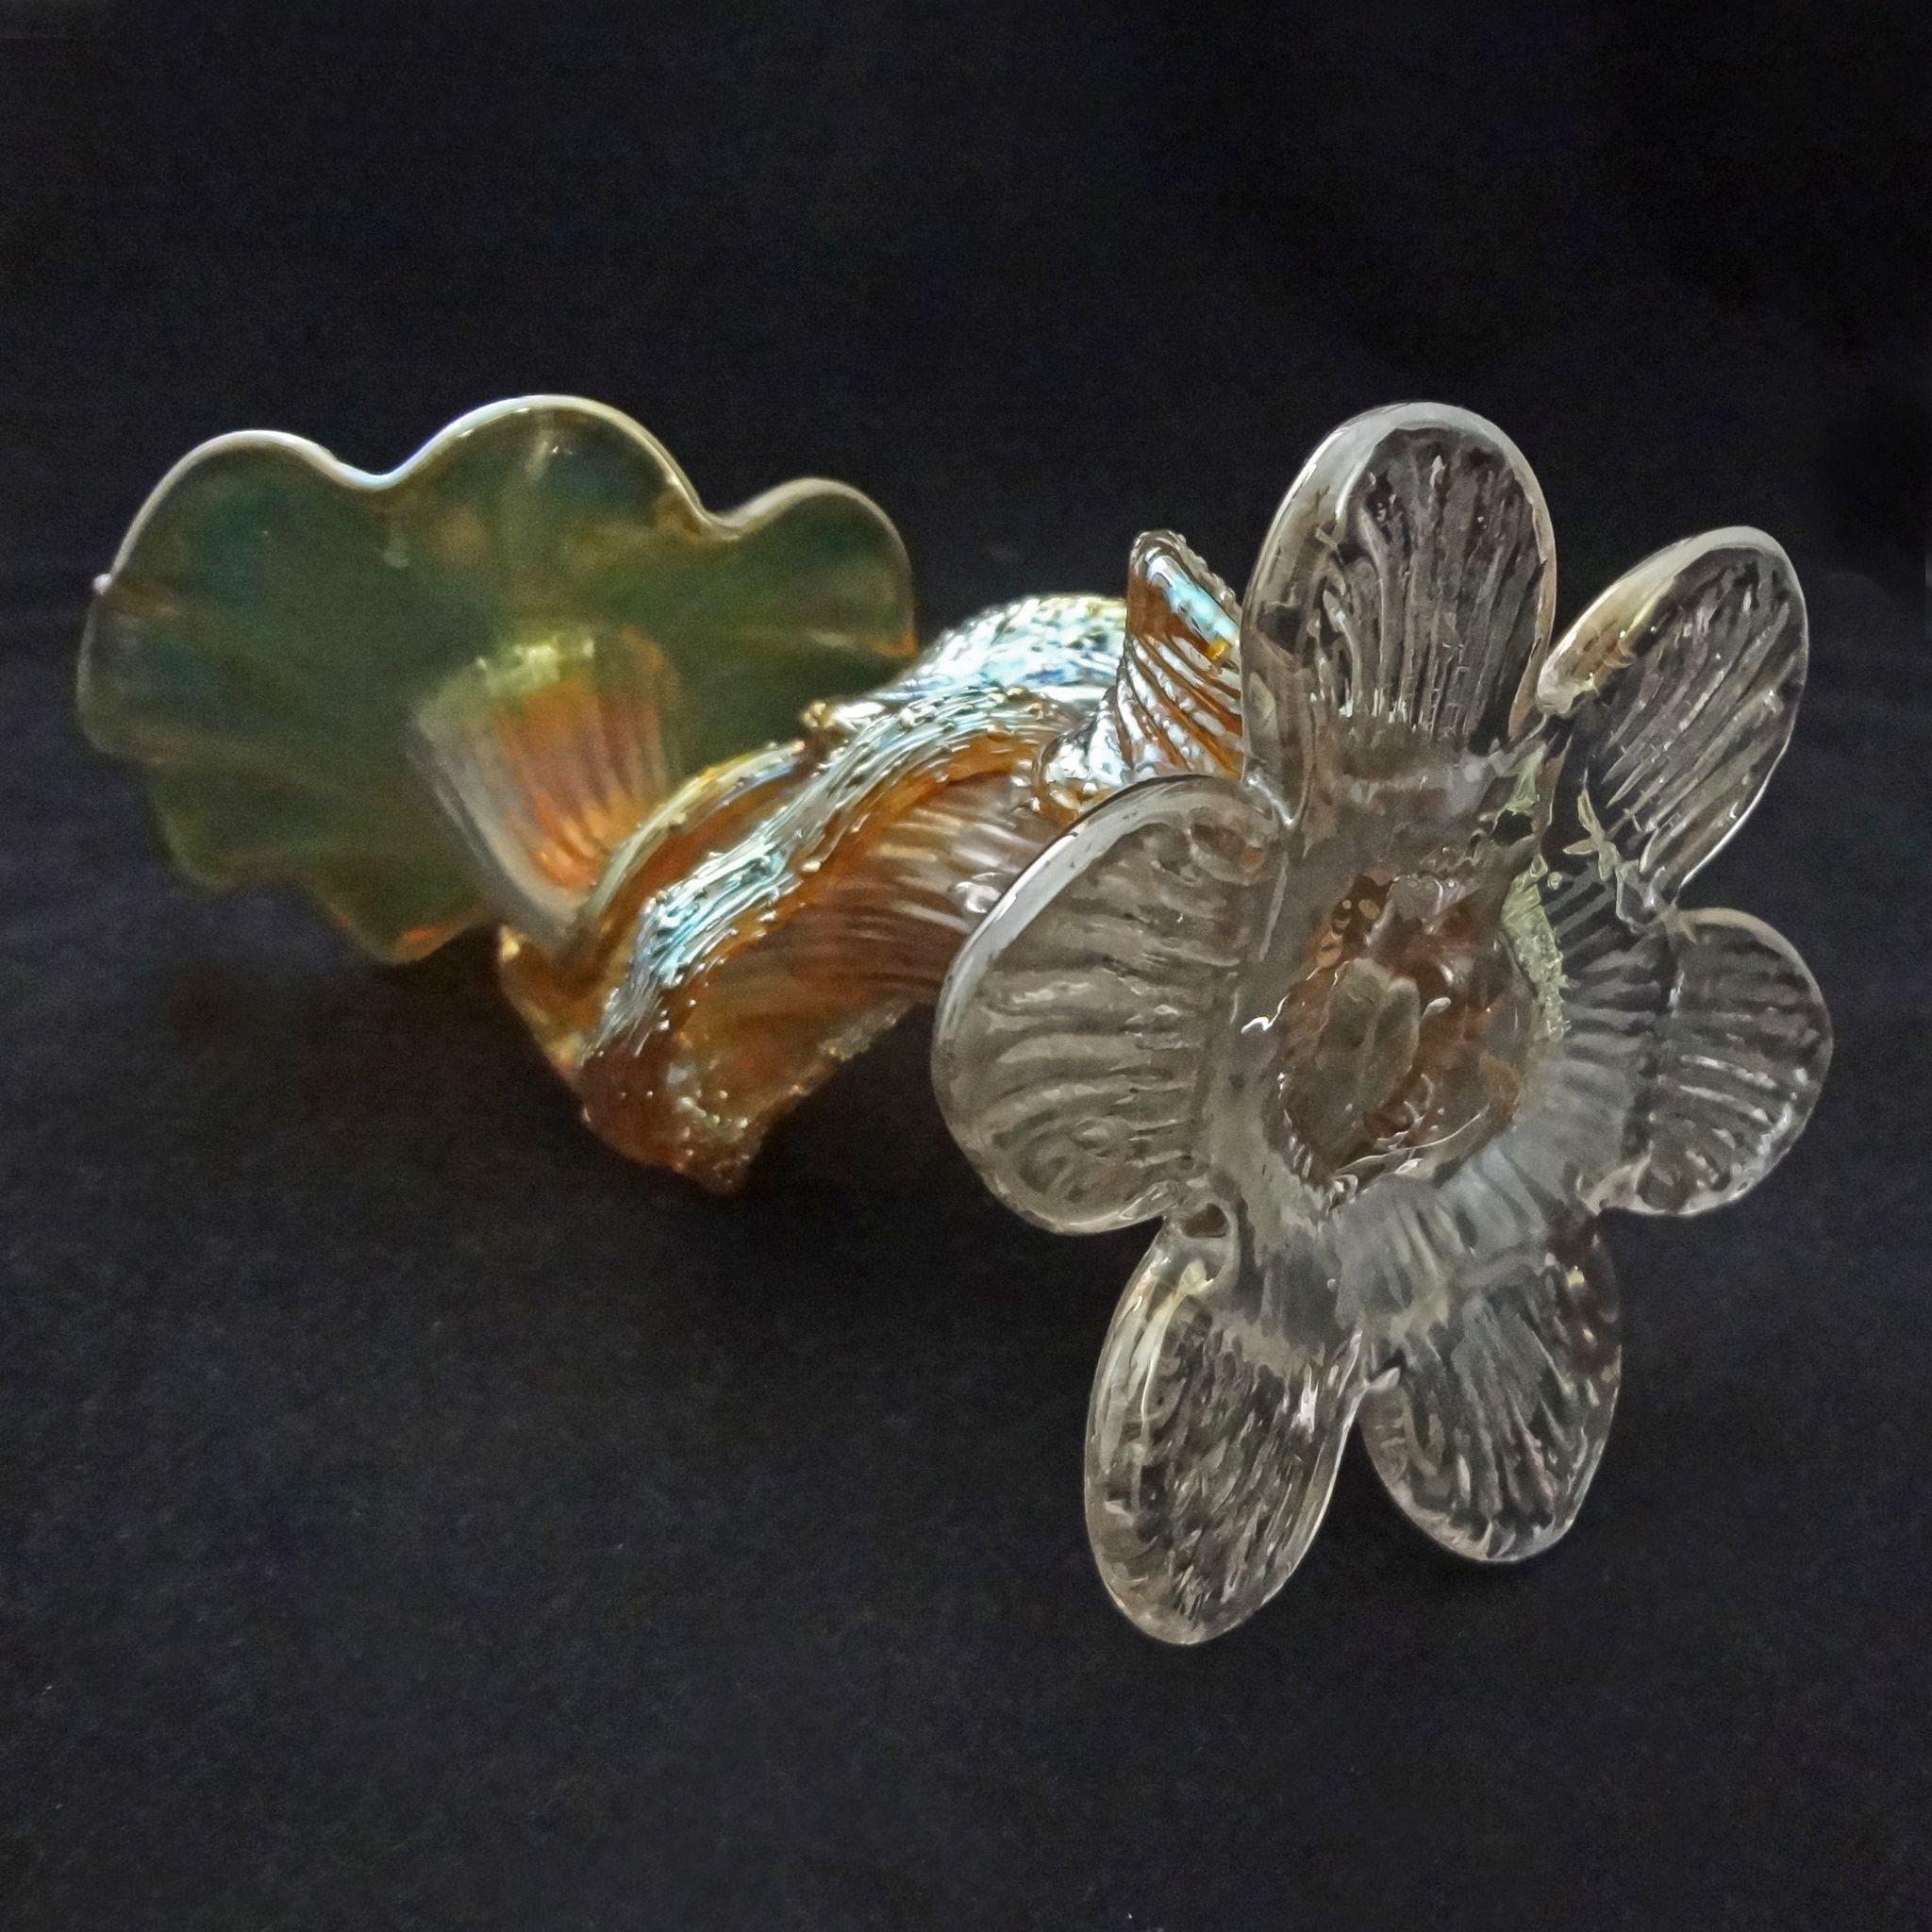 Loetz flower form vase flower inspiration loetz flower form vase inspiration reviewsmspy